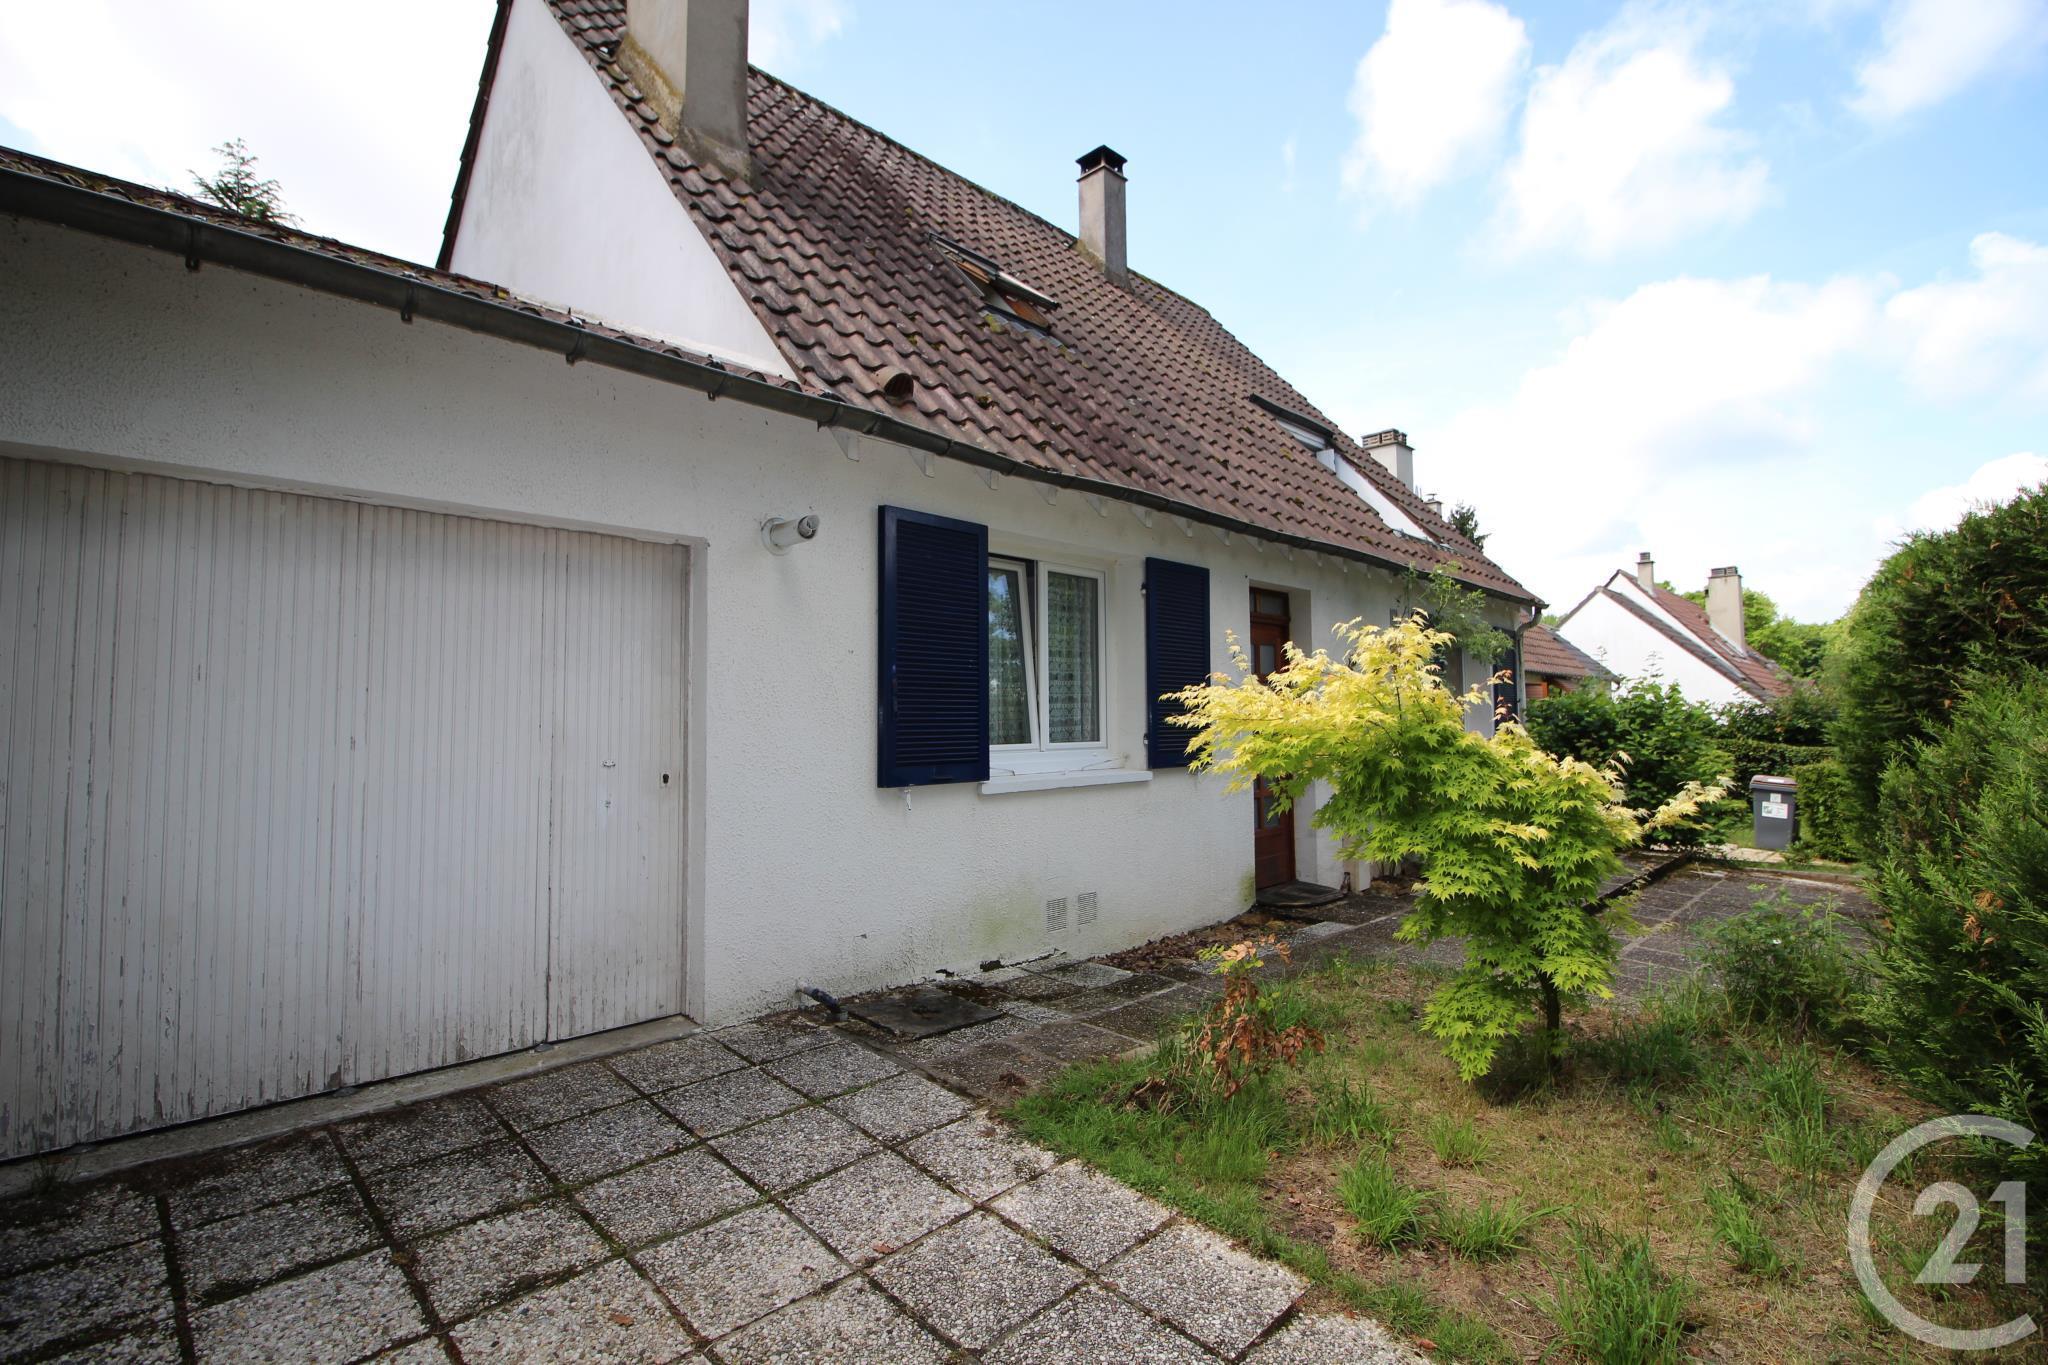 Maison à vendre - 6 pièces - 114 m2 - ST FARGEAU PONTHIERRY - 77 -  ILE-DE-FRANCE b129027ab8b7